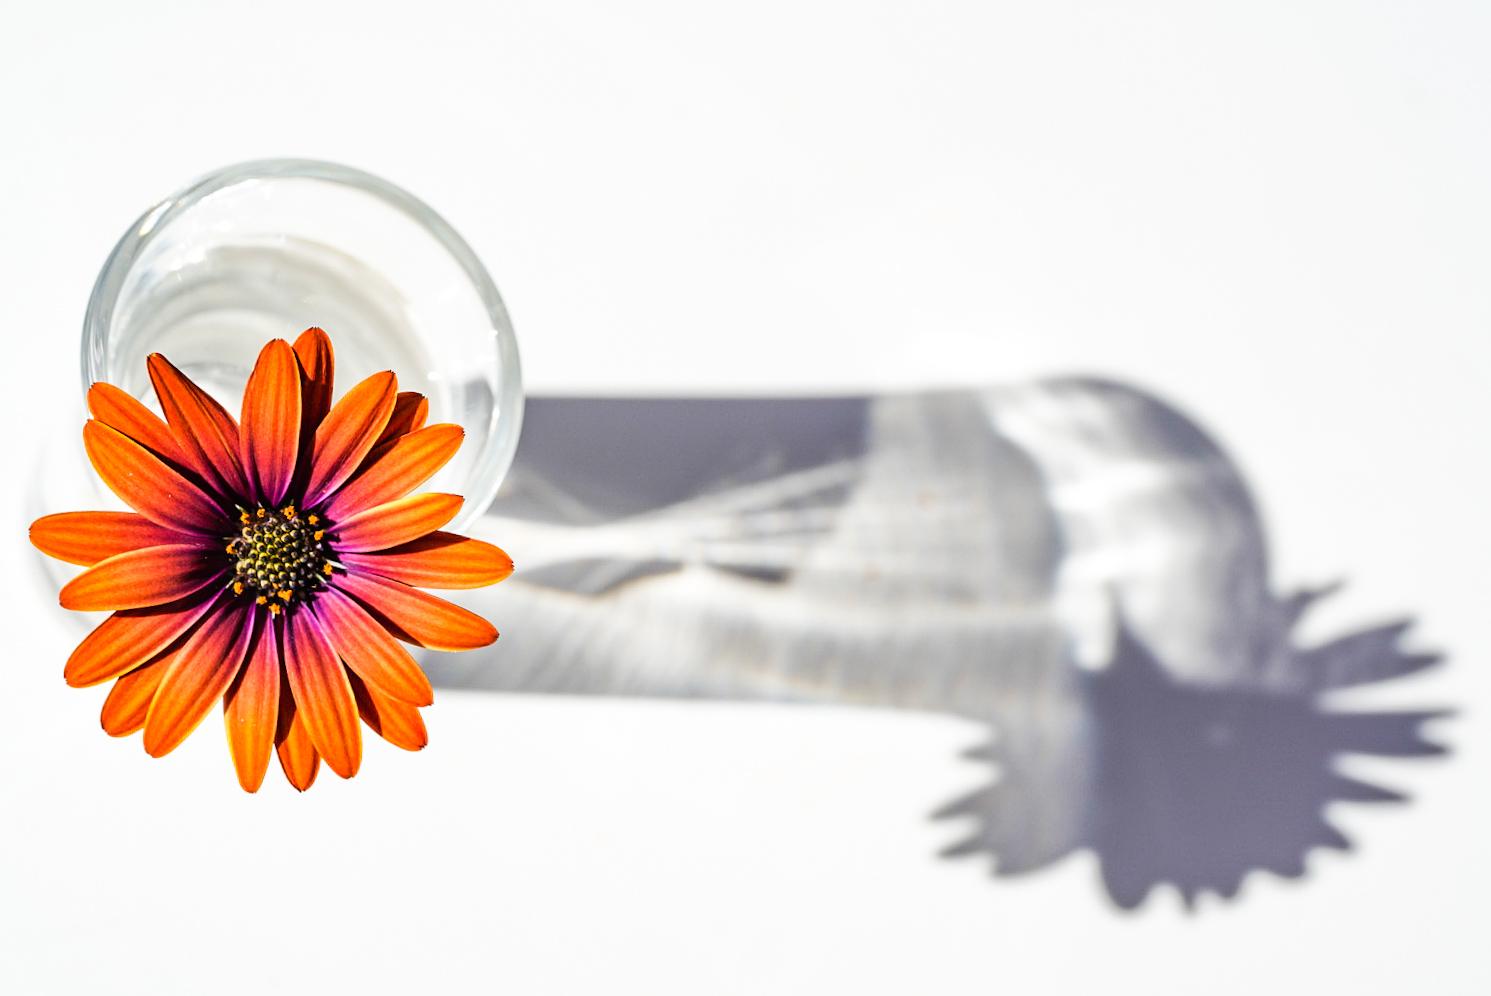 flor naranja con su sombra